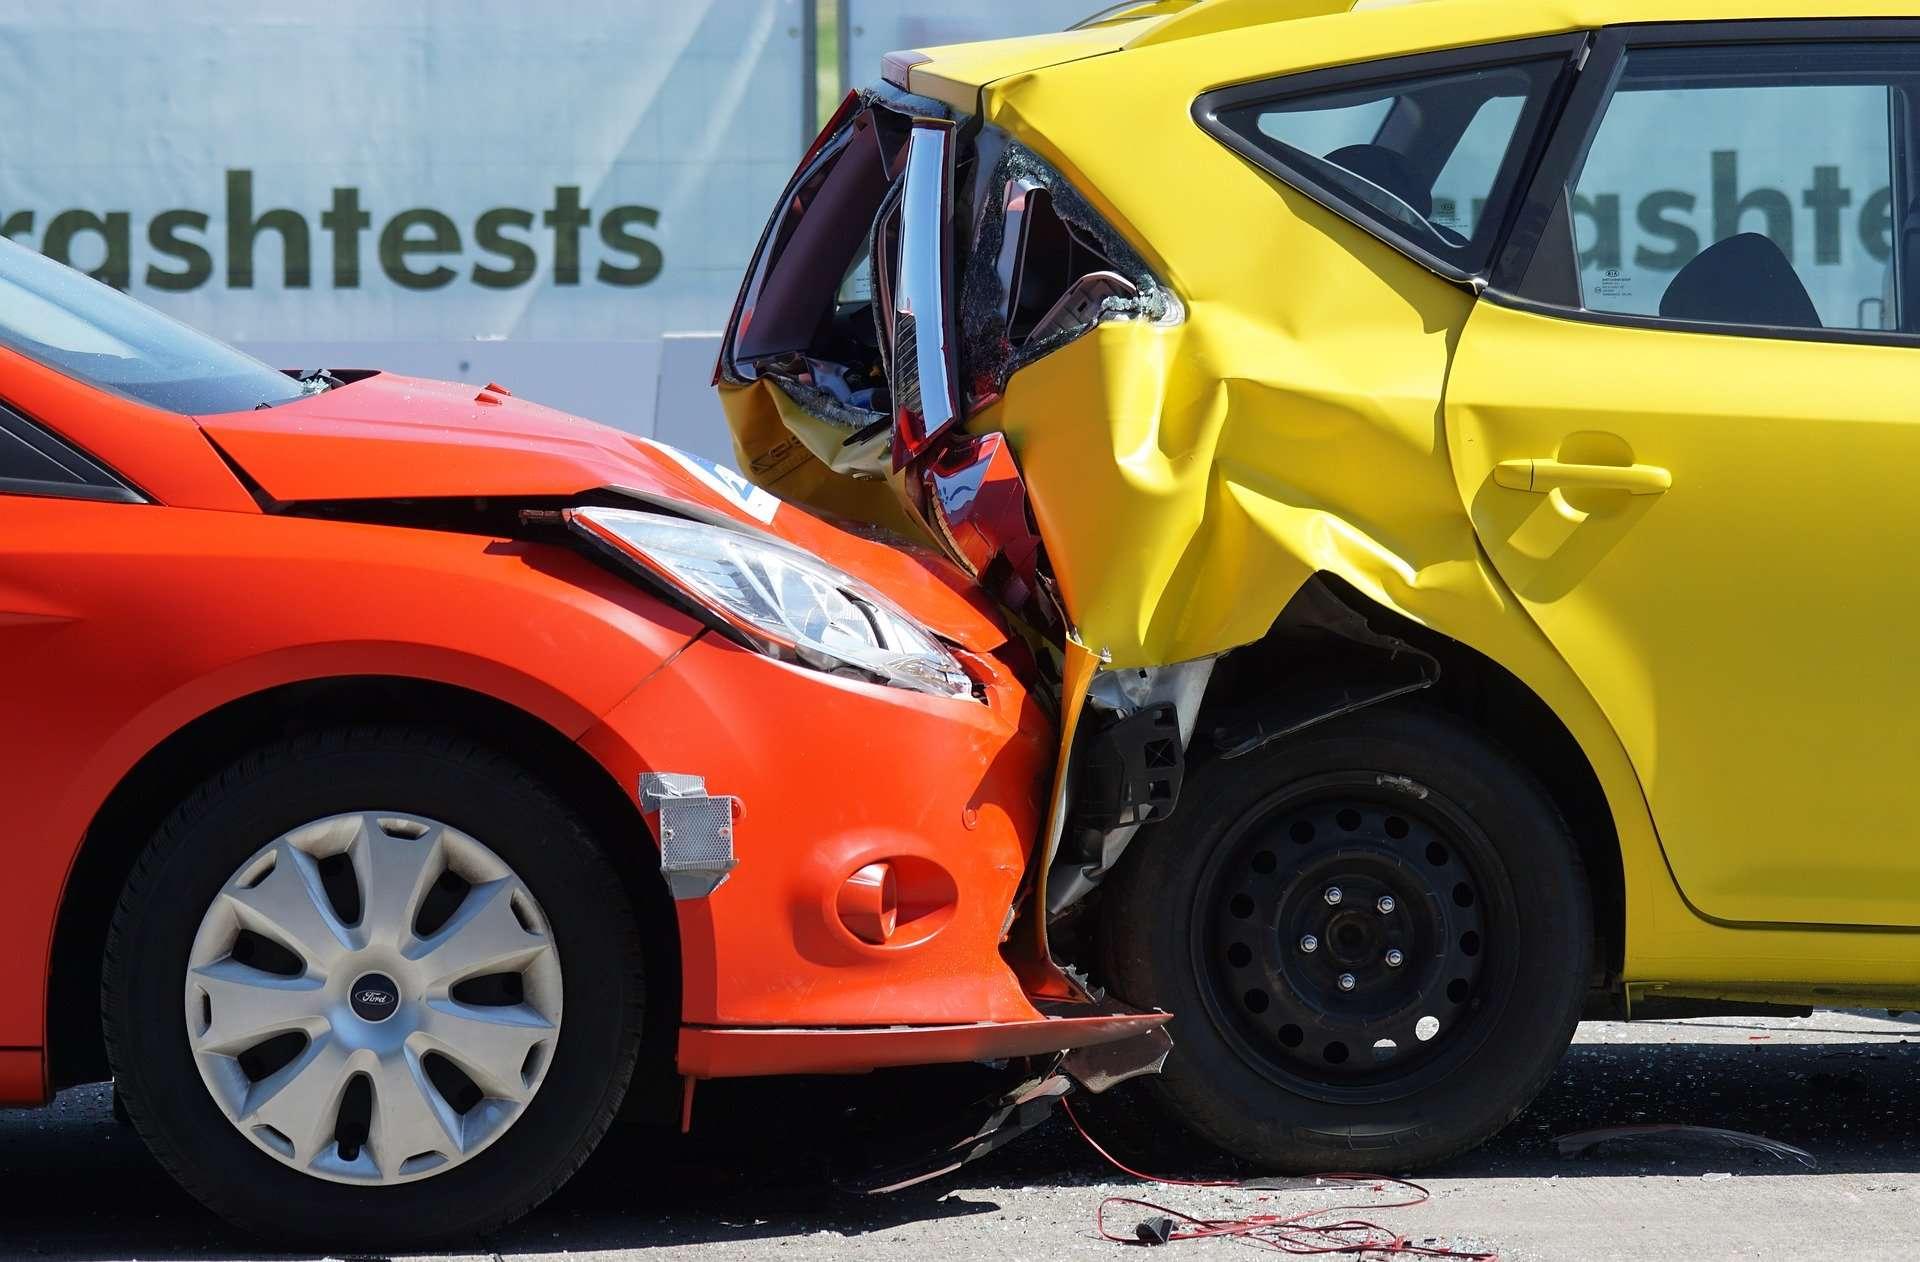 Cómo reclamar los daños si el conductor se da a la fuga